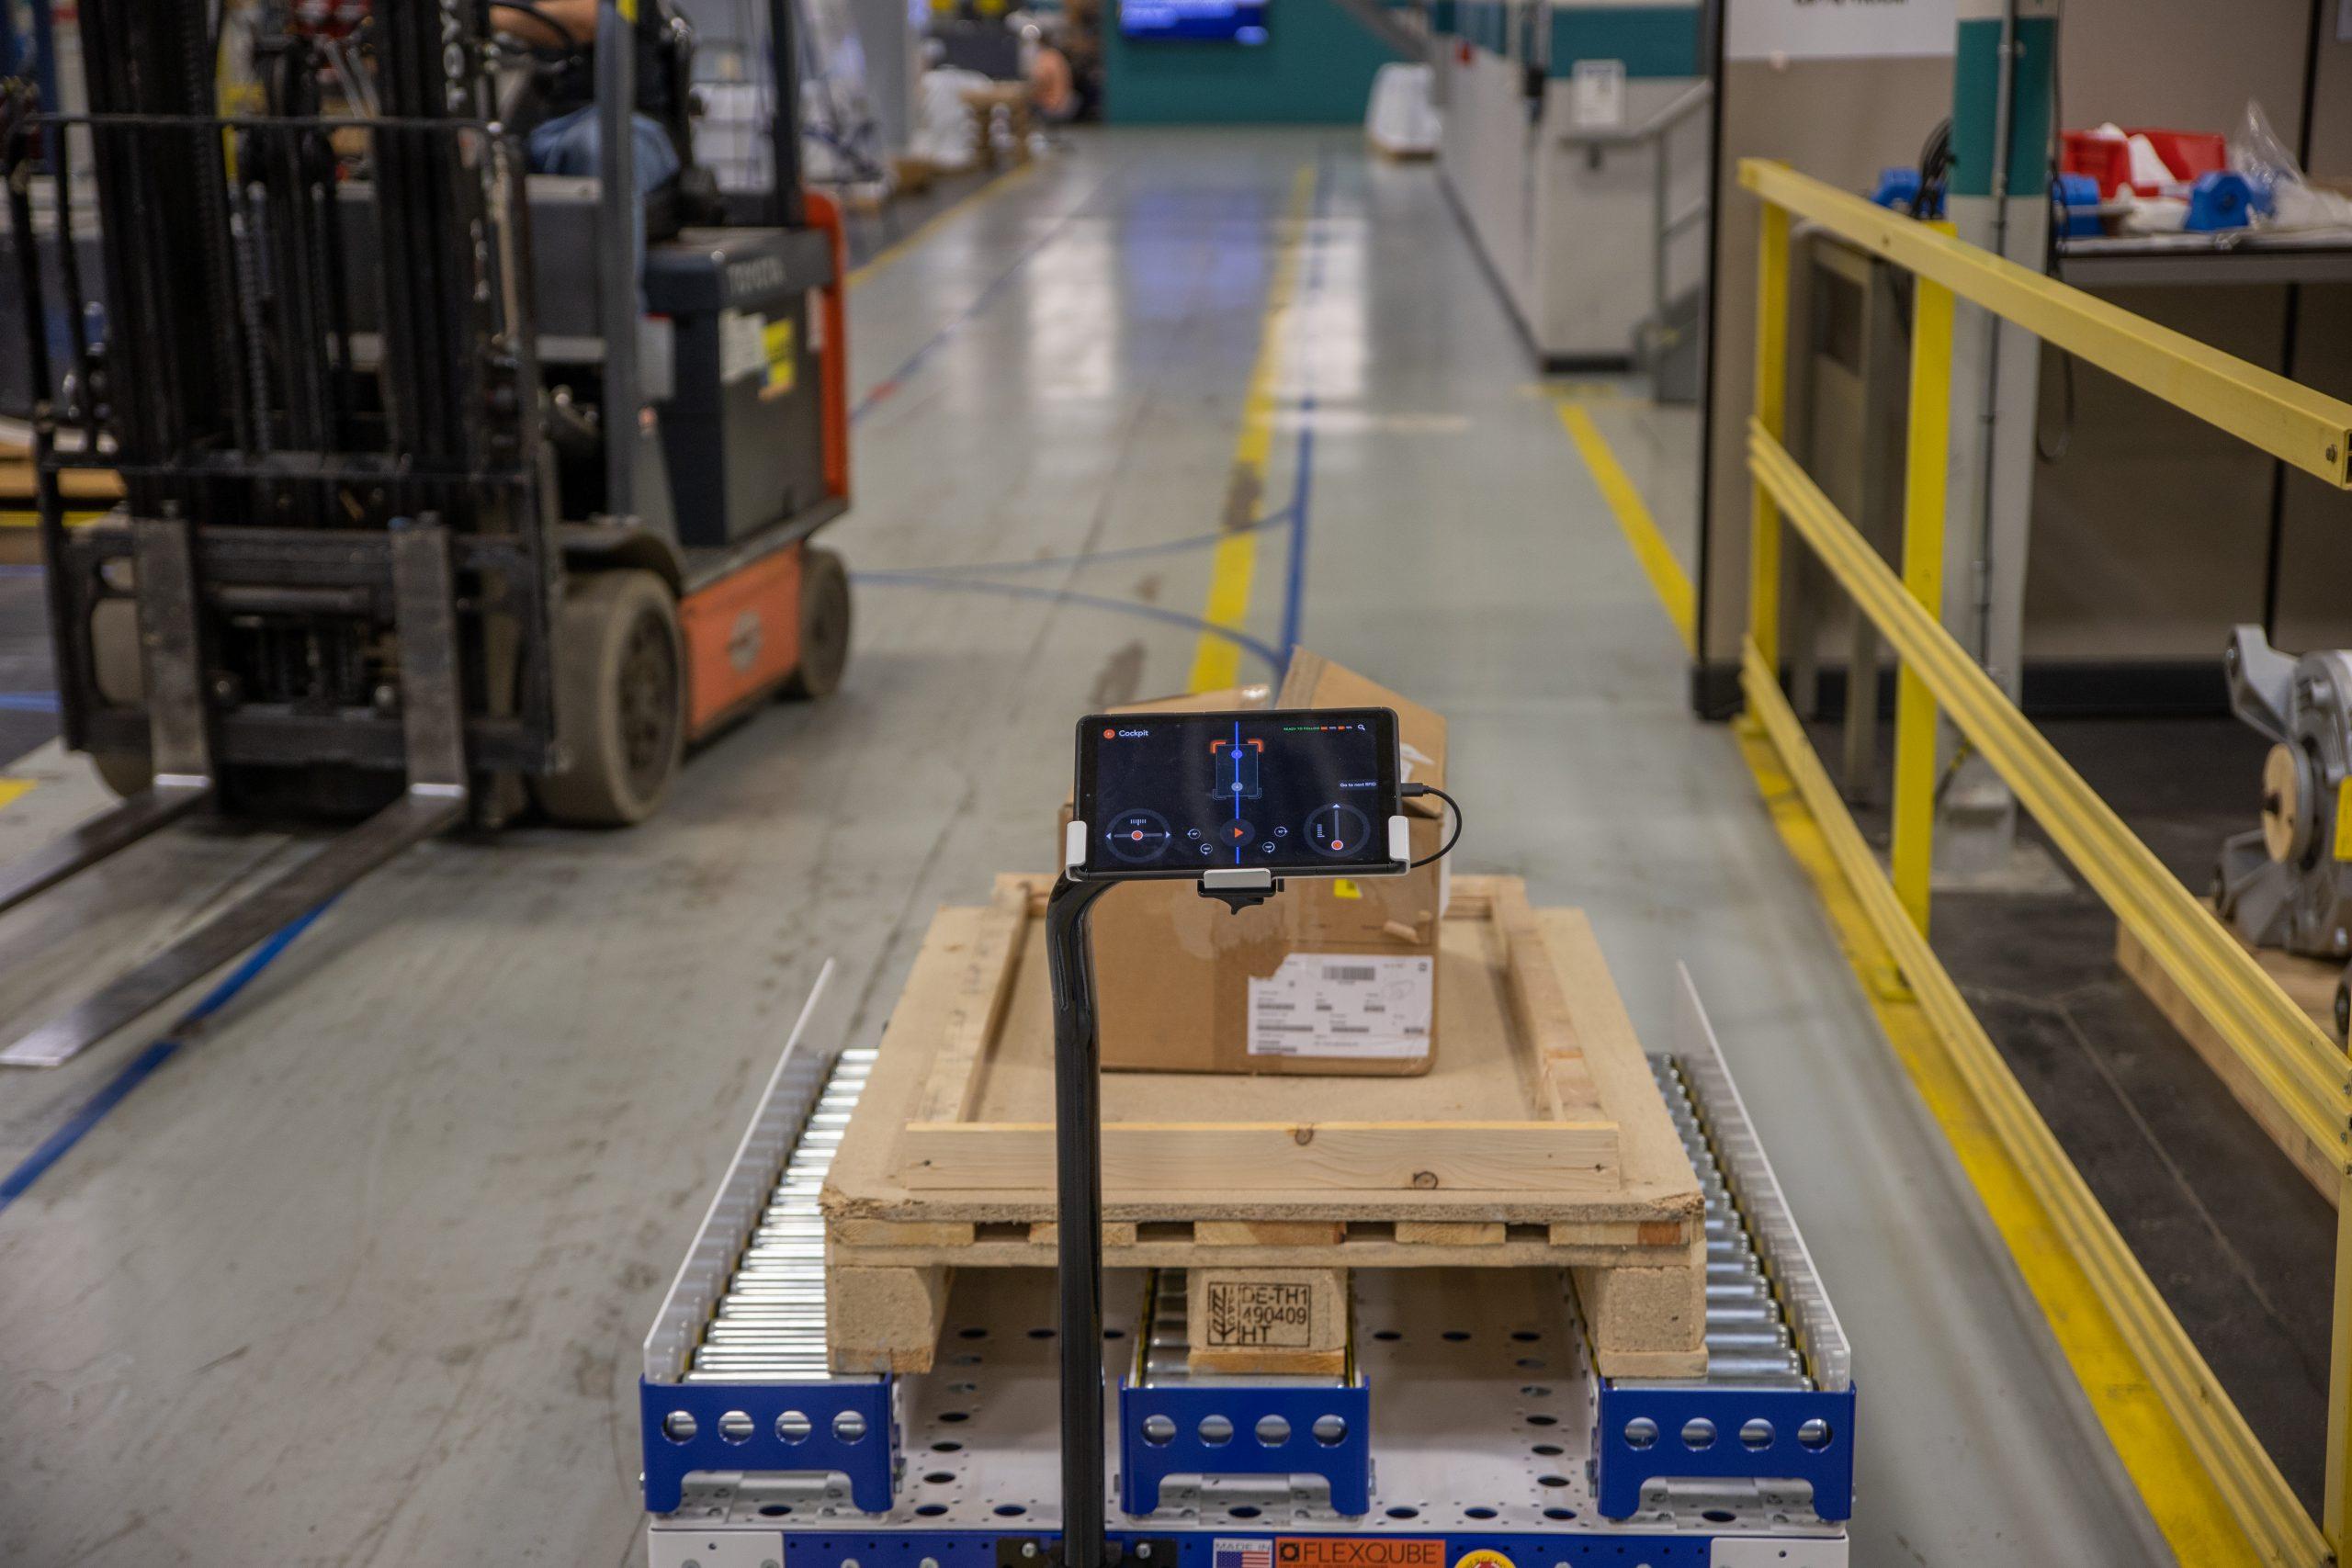 Optimizing Warehousing Logistics with Autonomous Mobile Robots